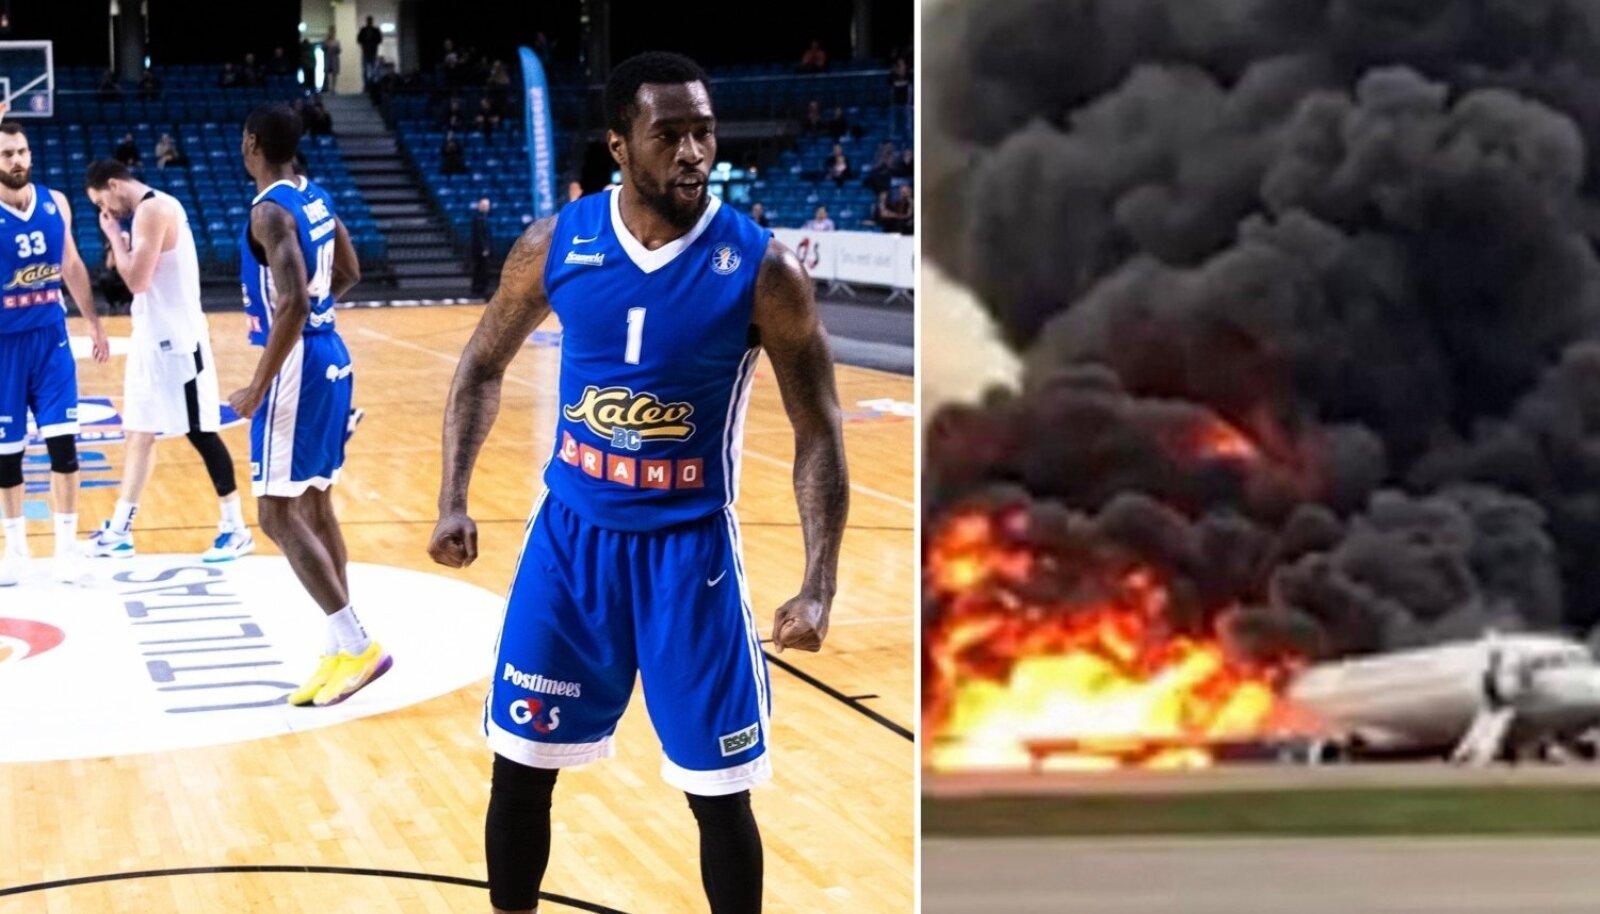 Kalev/Cramo korvpallimeeskond oli eile Šeremetjevo lennujaamas, kus valitses pärast lennukiõnnetust kaos.